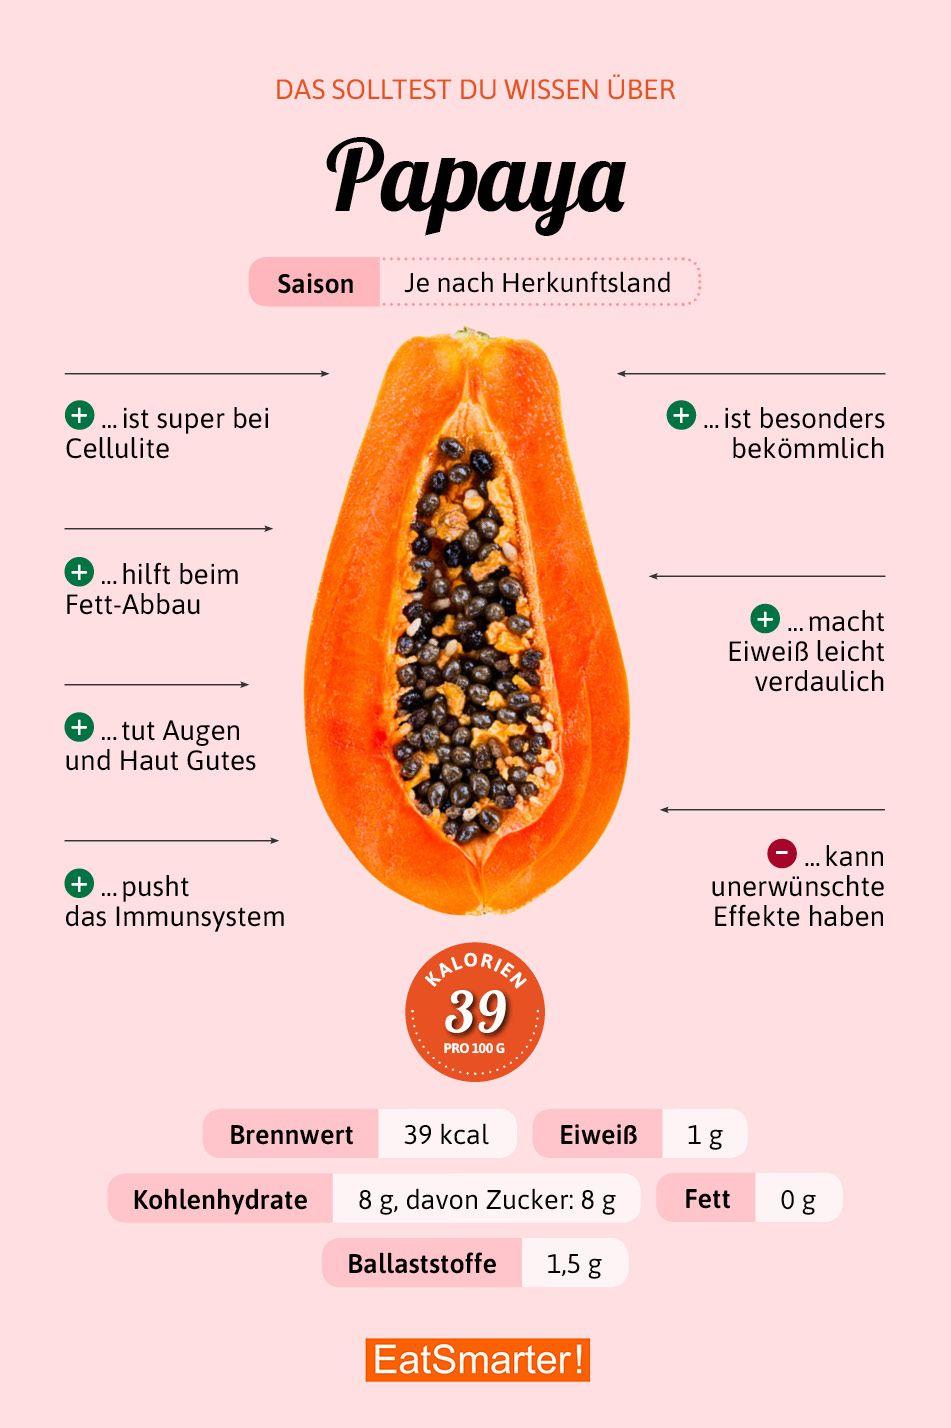 Papaya und Hafer dienen zum Abnehmen